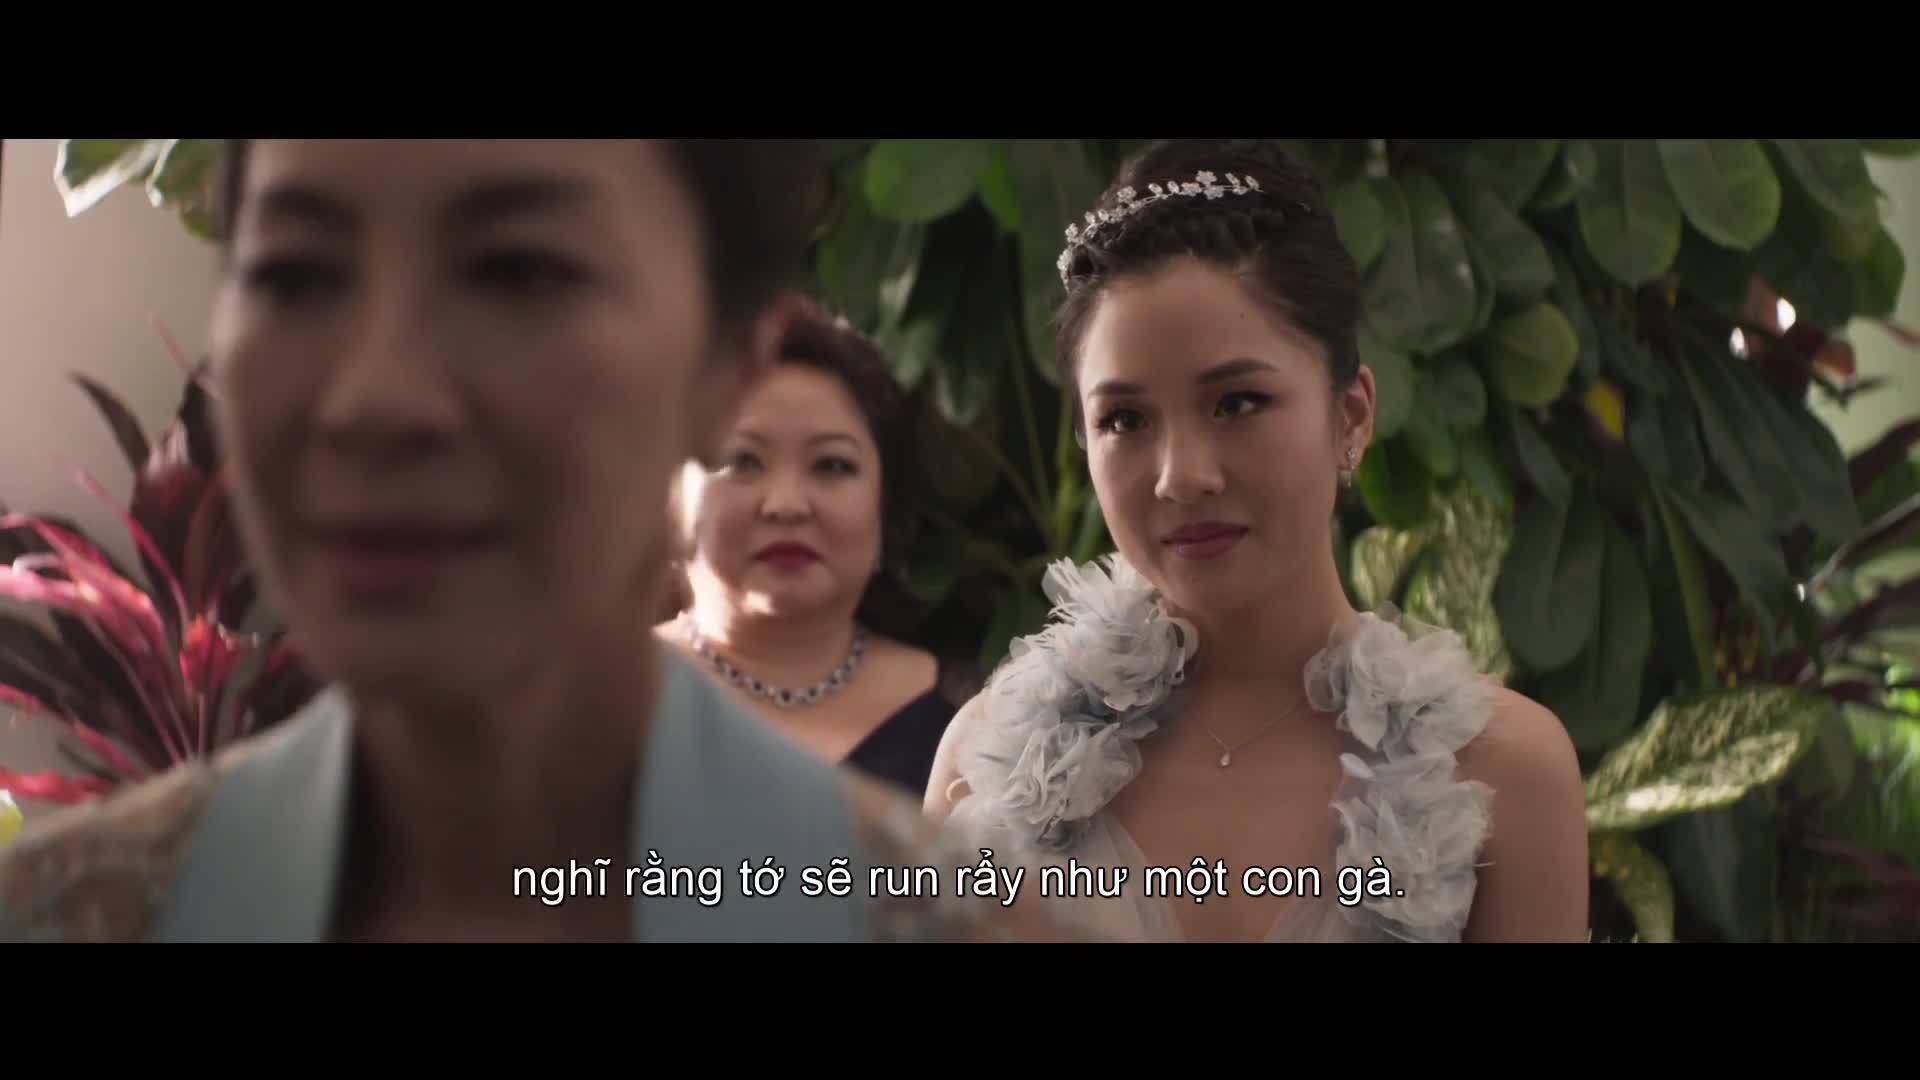 Trailer Crazy Rich Asians Con nhà siêu giàu châu Á